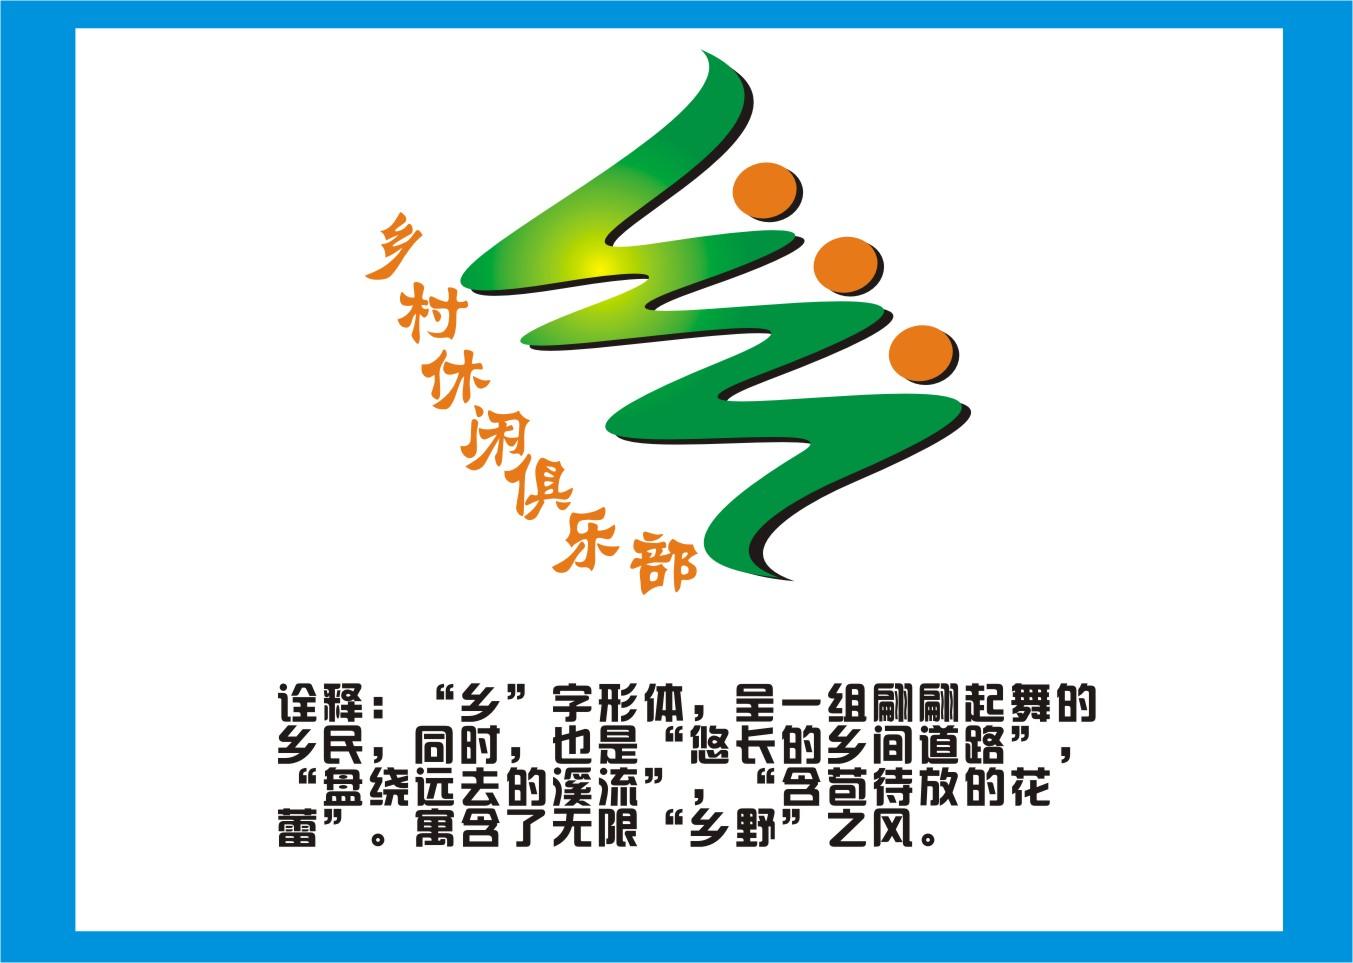 鄉村休閑俱樂部 企業logo設計